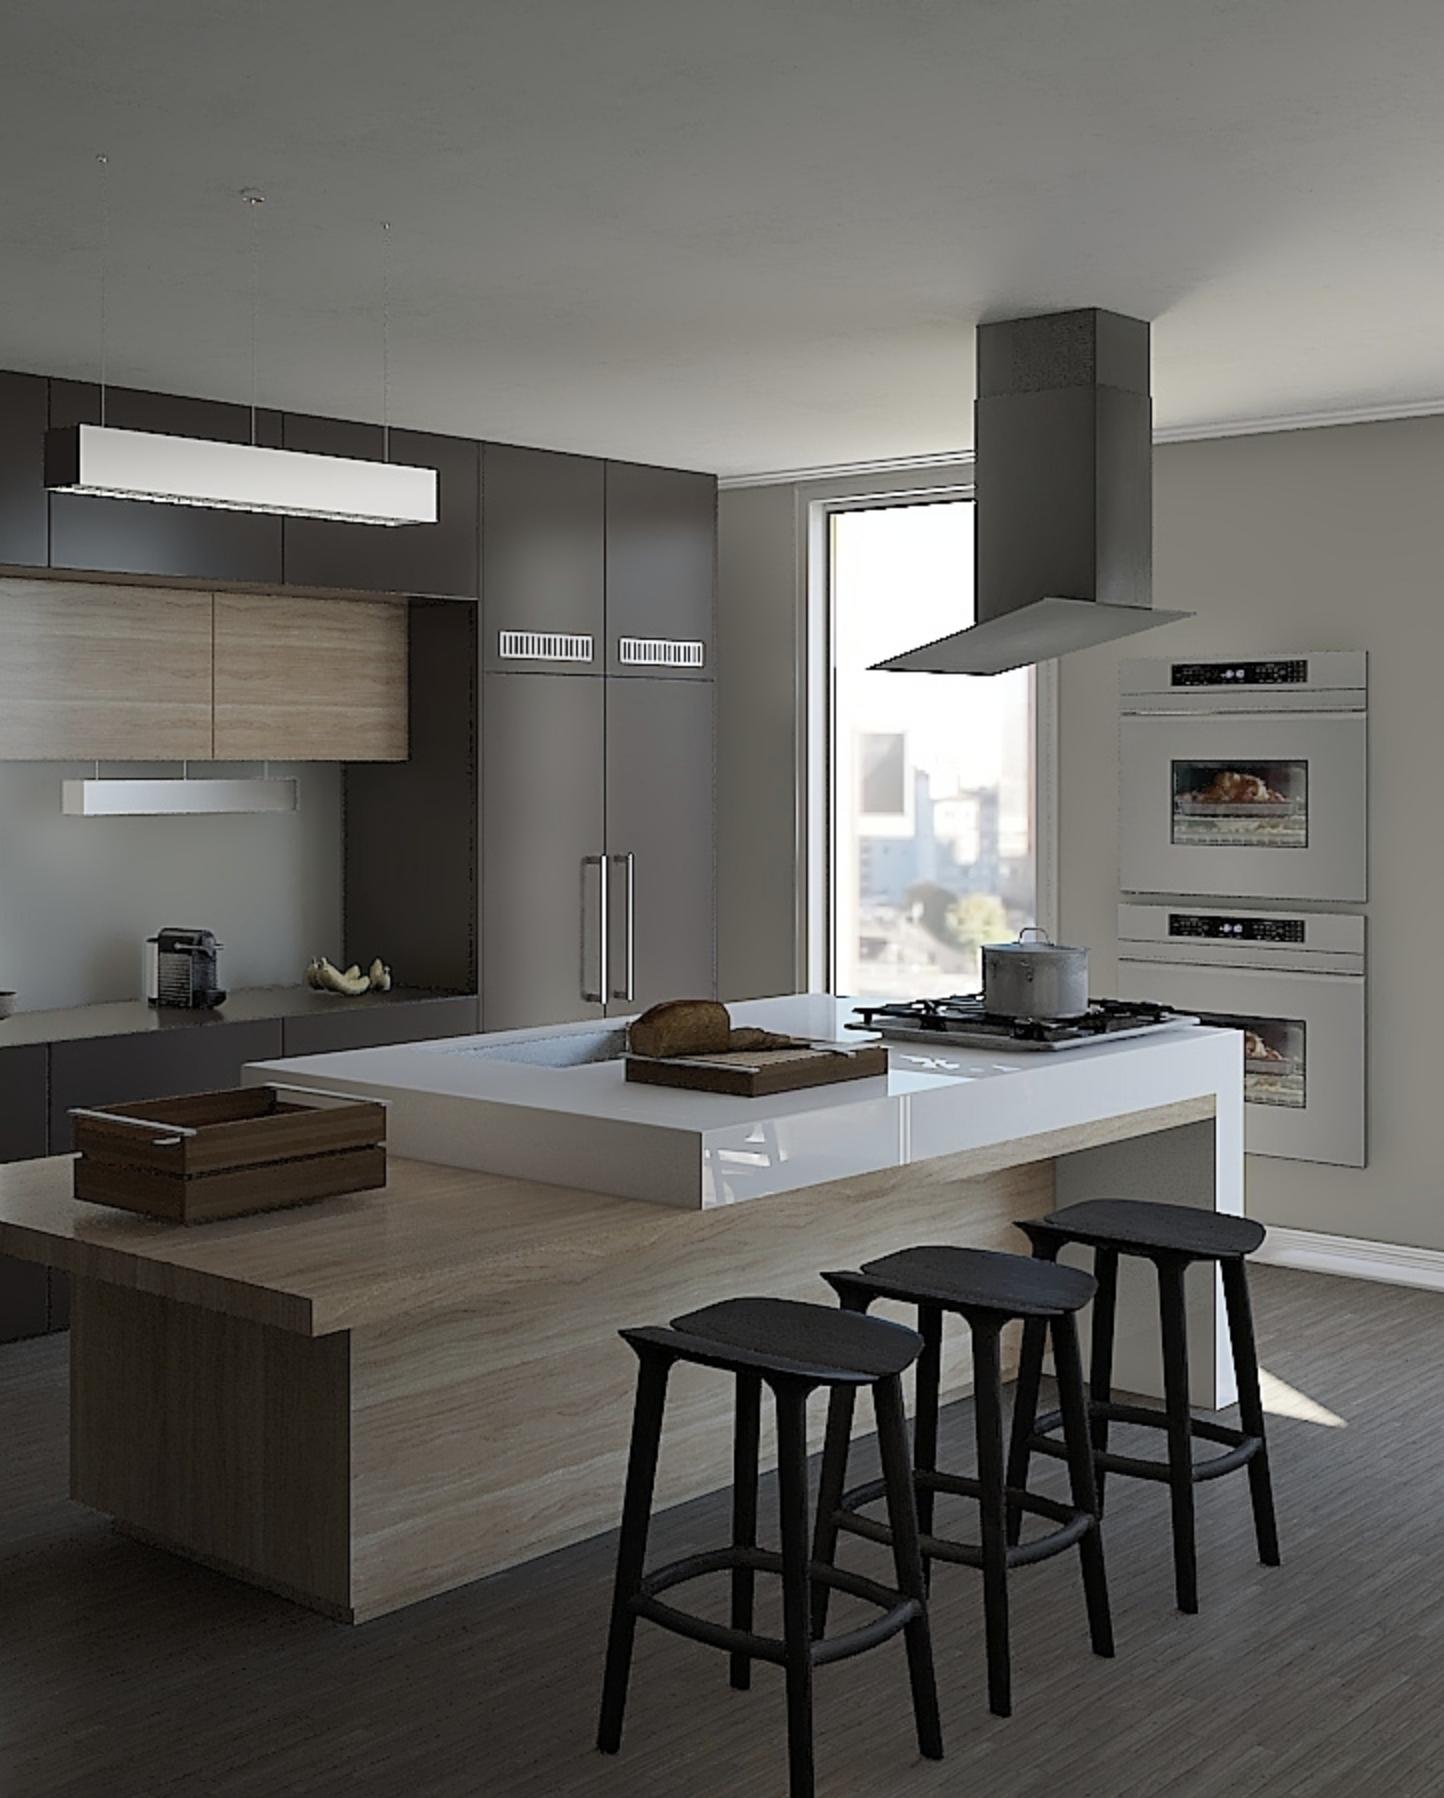 Design Your Dream Kitchen With Homestyler #kitchen